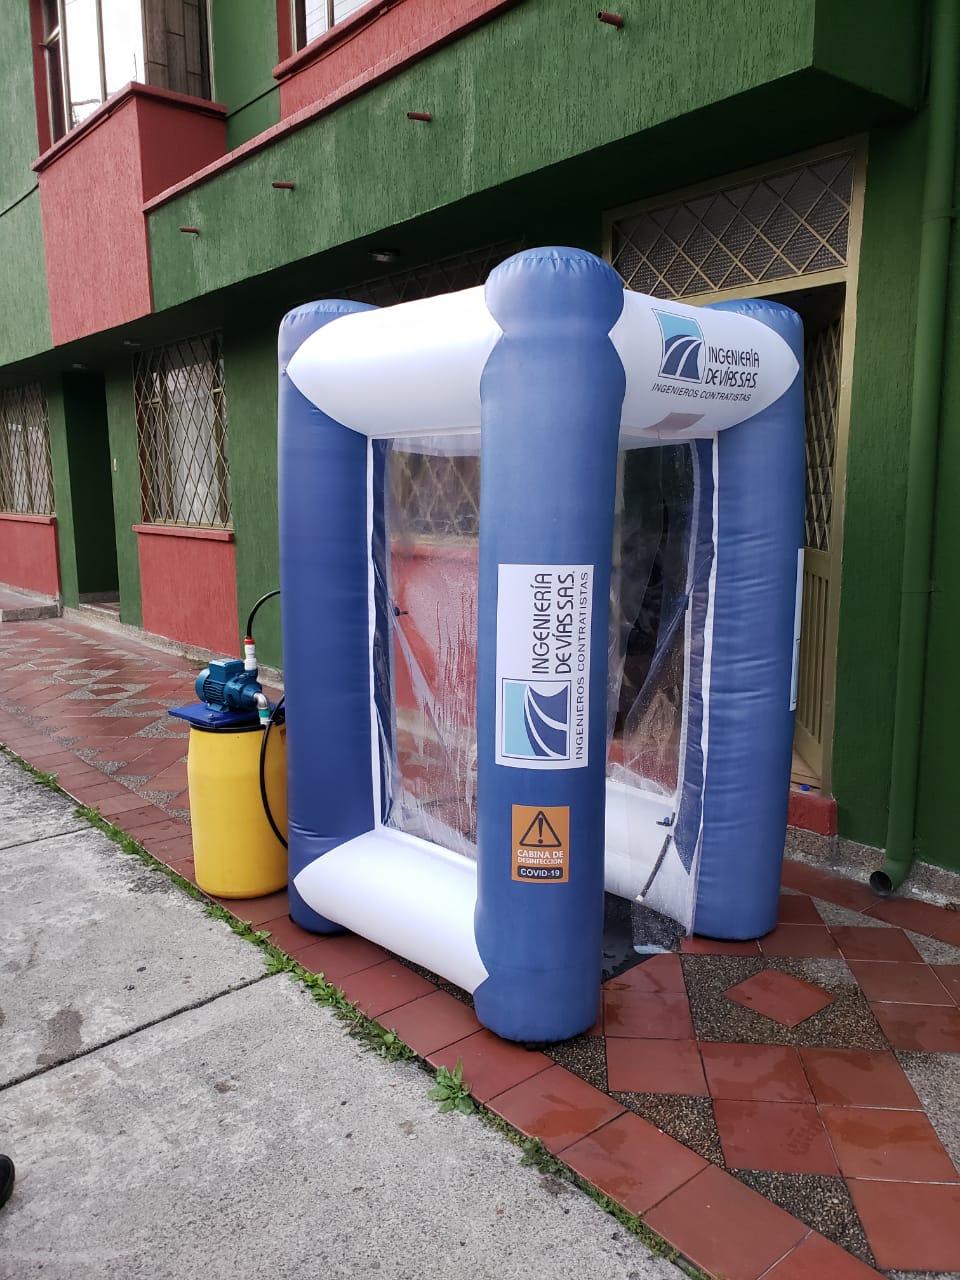 cabina desinfectante covid 19